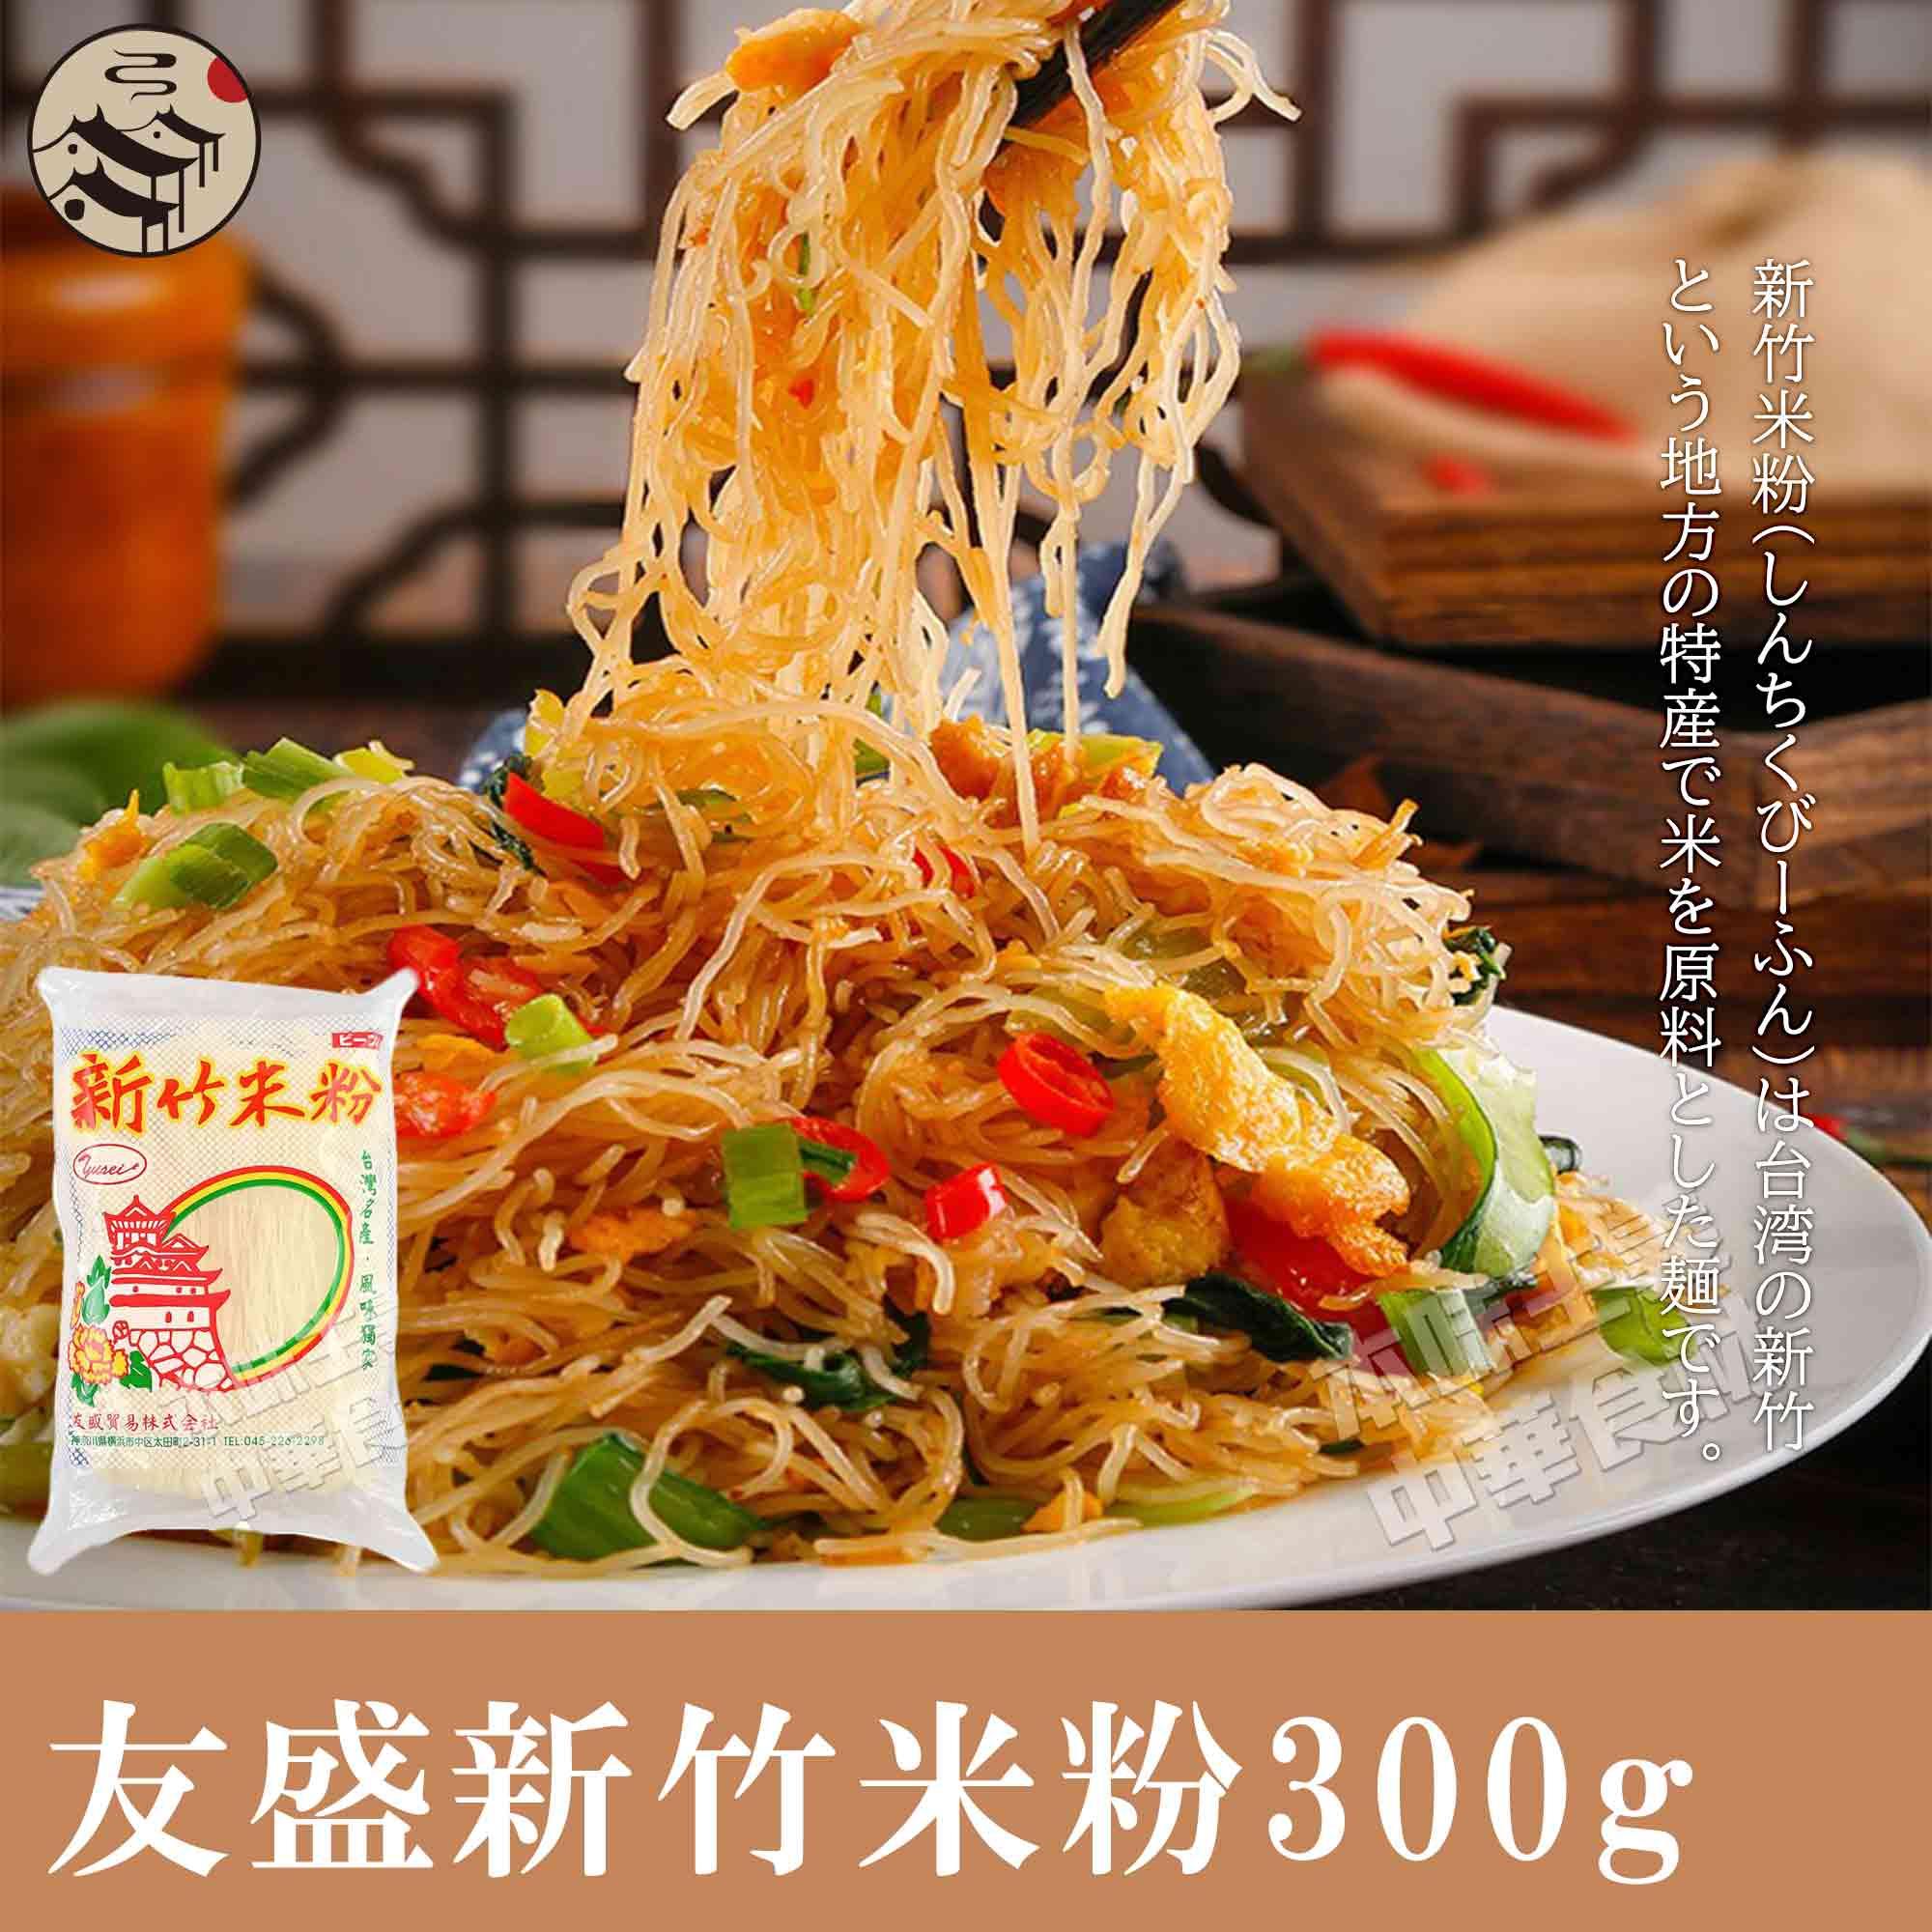 友盛台湾新竹伝統米粉 保証 人気急上昇 ビーフン 中華料理食材名物 台湾風味人気商品 台湾名産